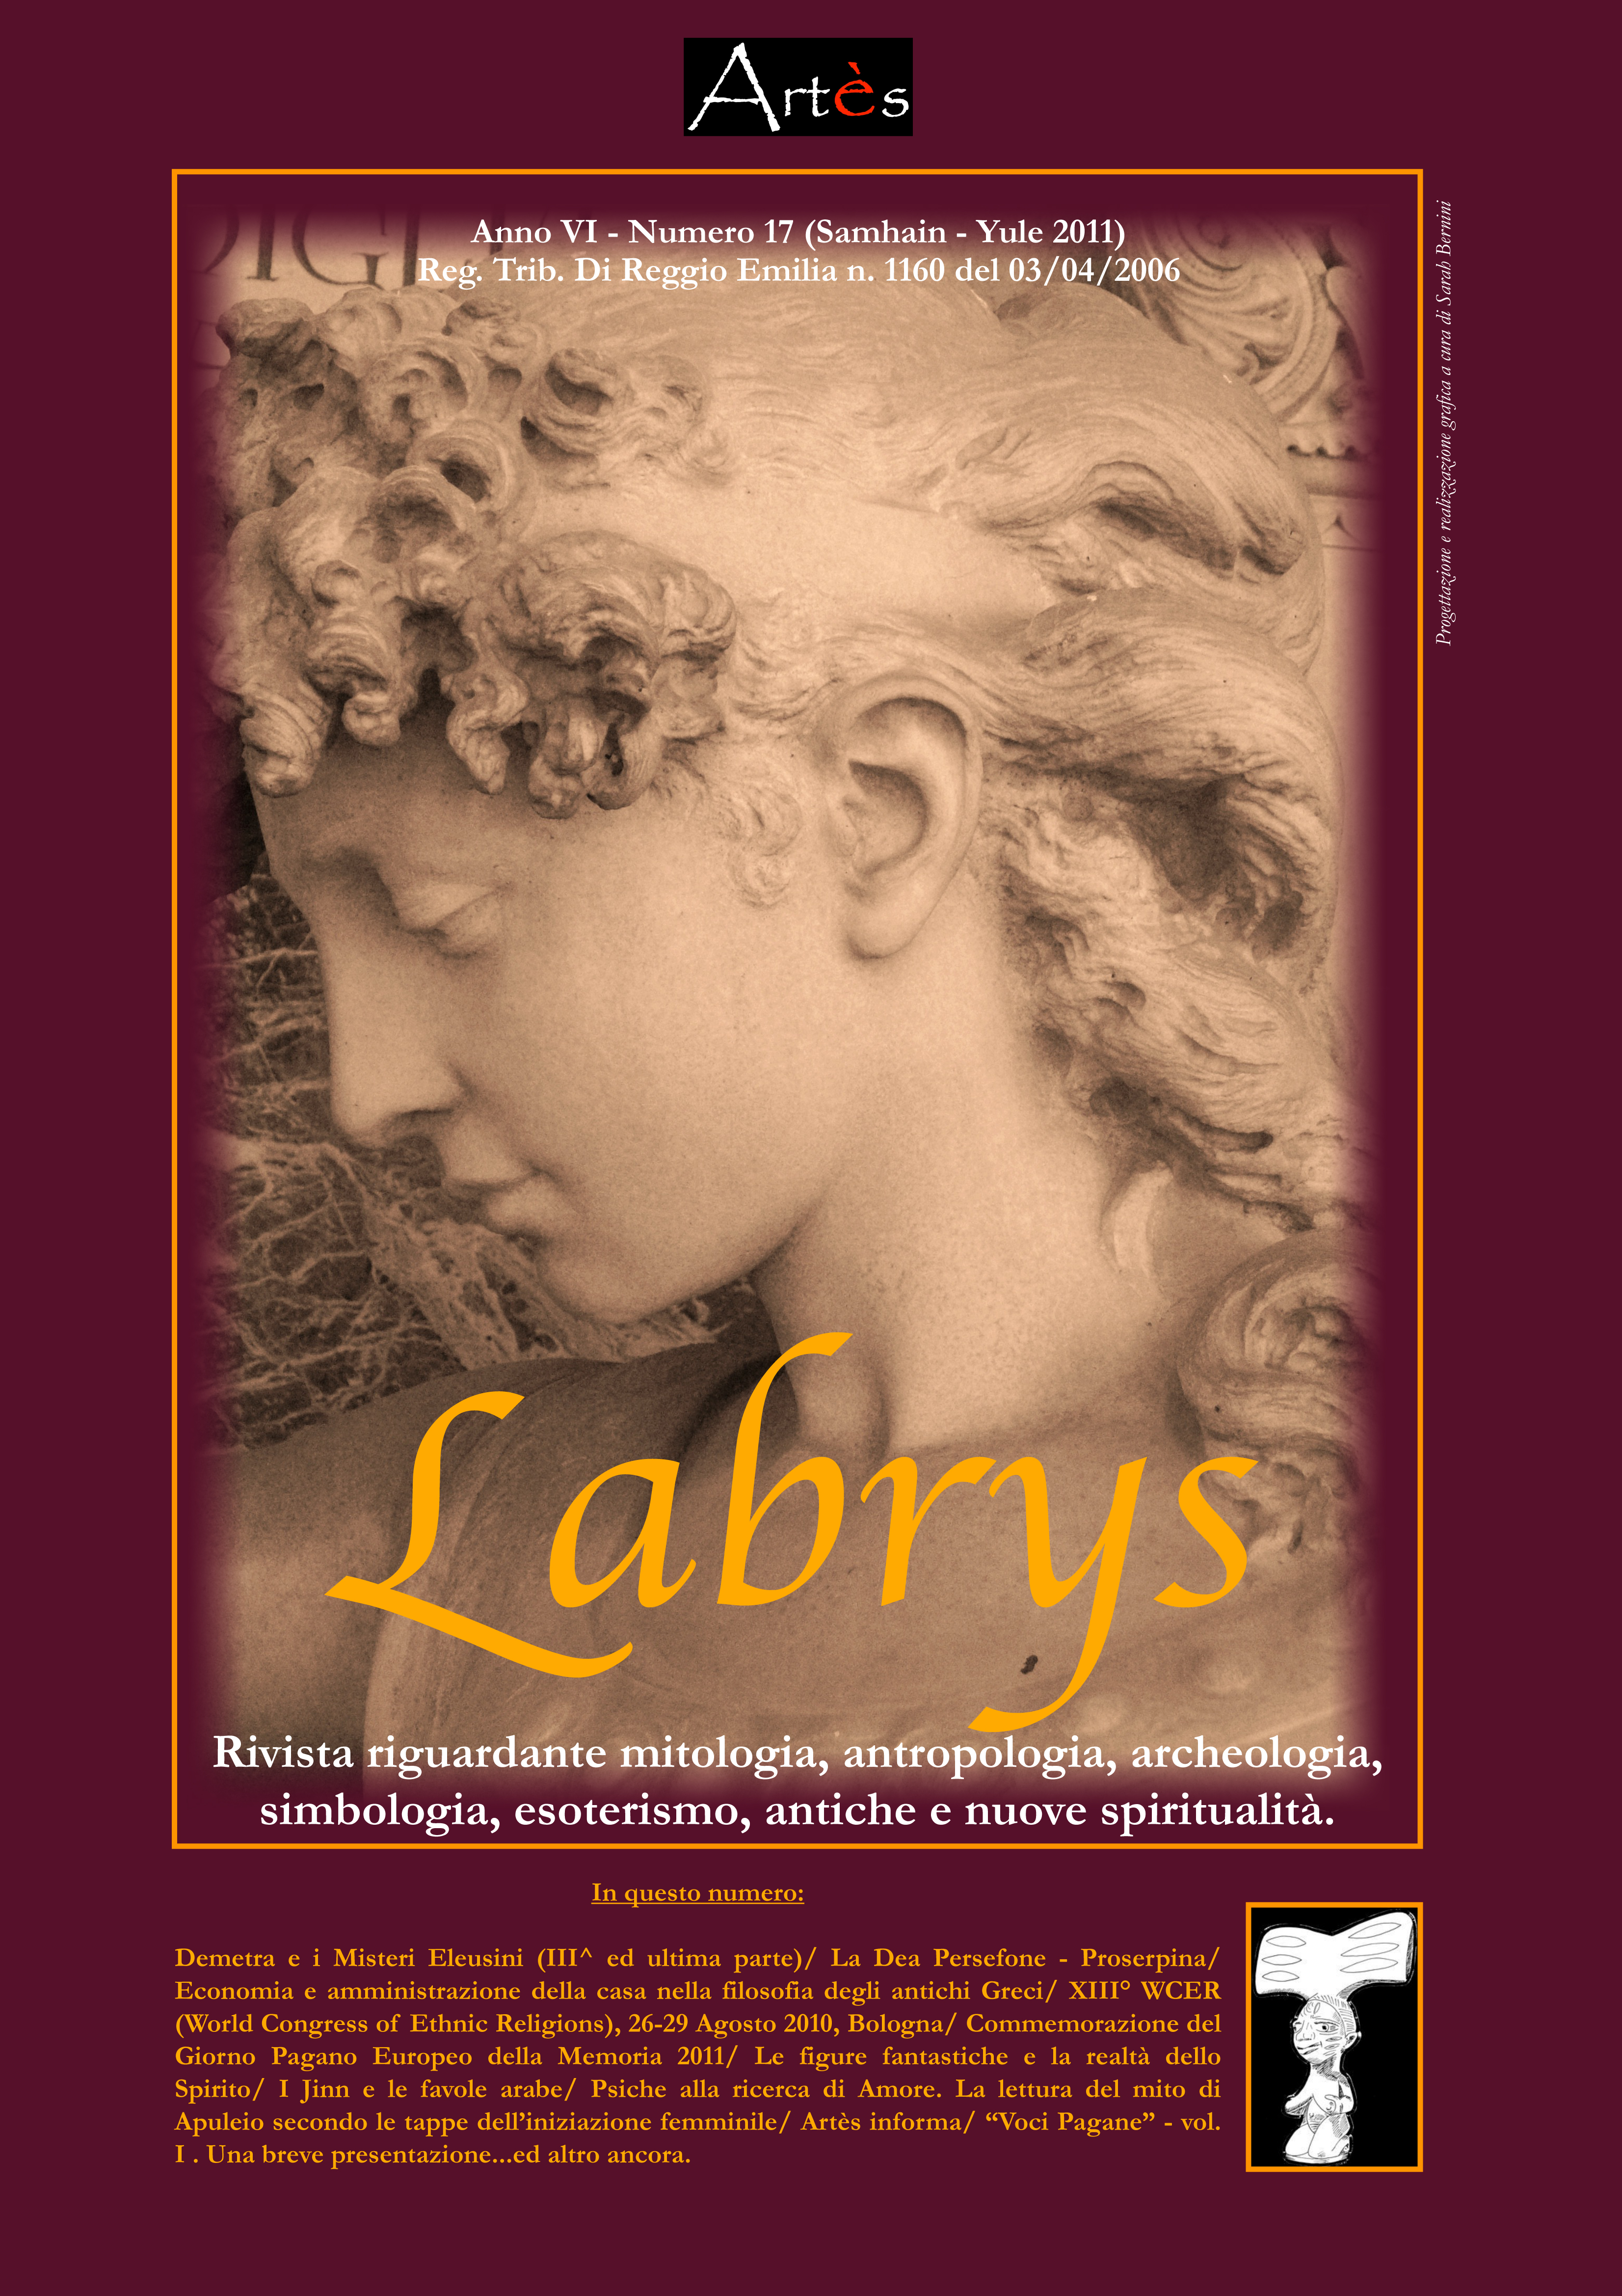 Copertina rivista Labrys 17